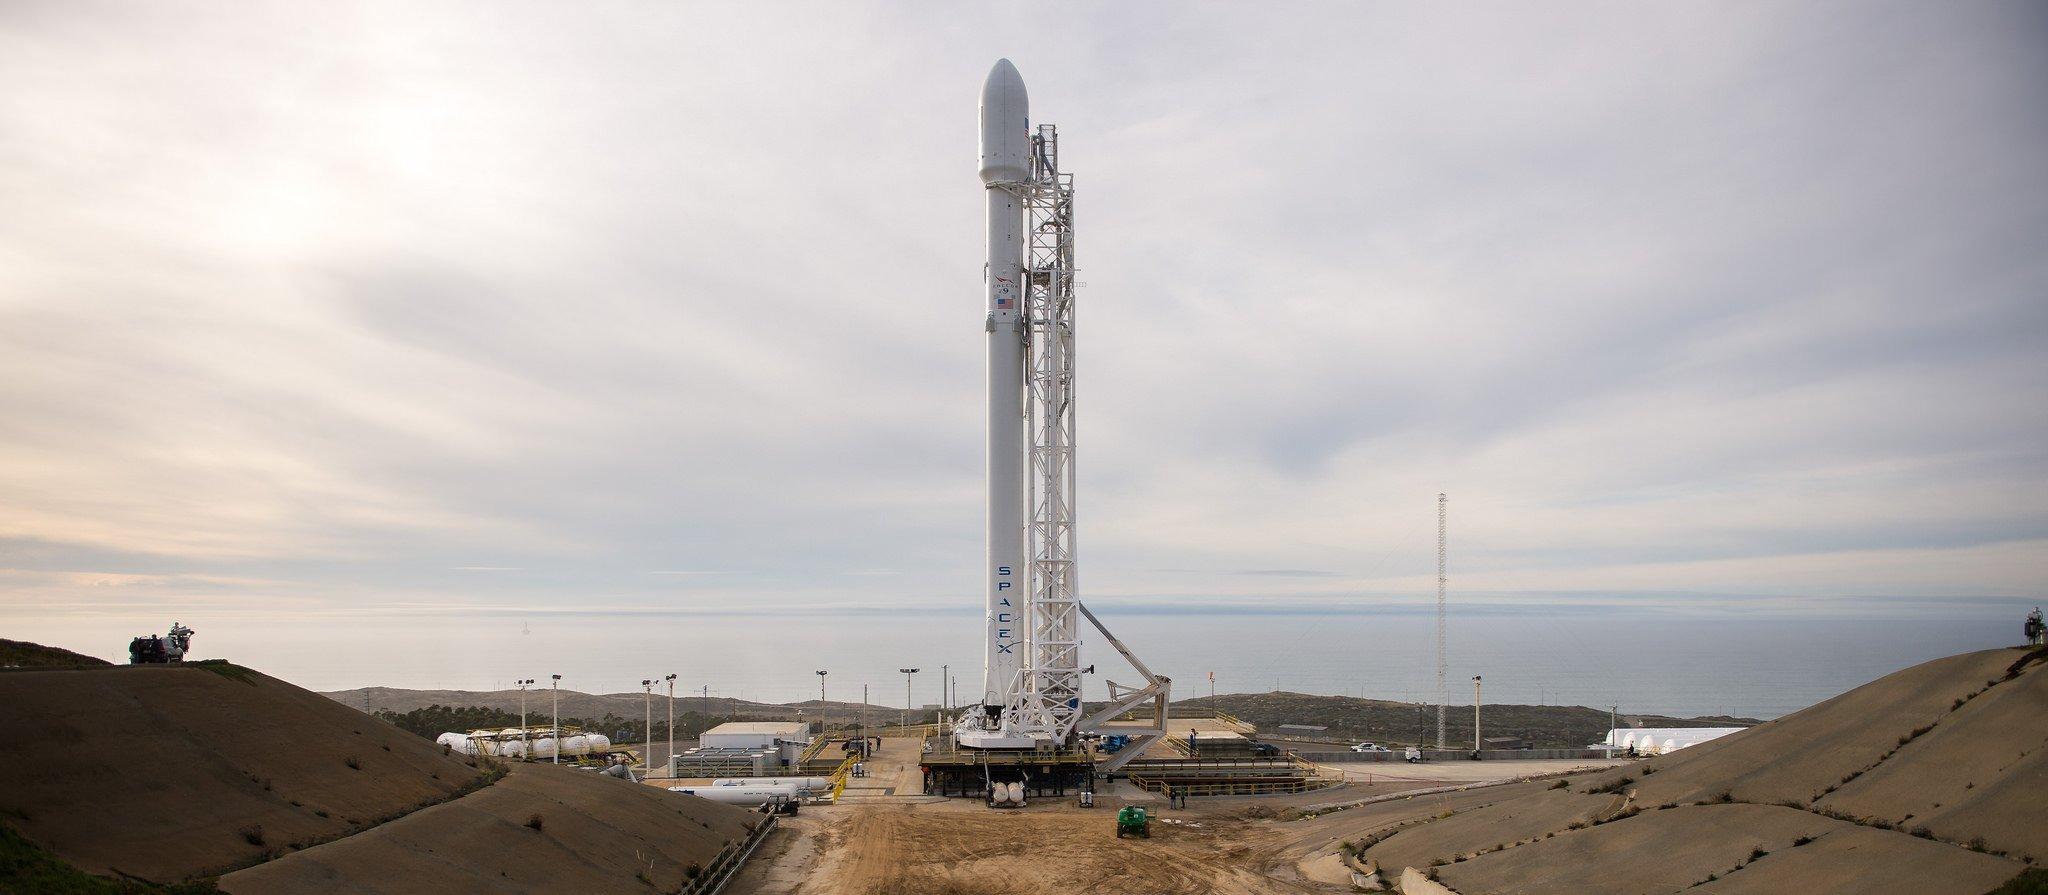 Die Falcon-9-Rakete von SpaceX kurz vor dem Start auf dem US-Luftwaffenstützpunkt Vandenbergh: Sie brachte den Satelliten Jason 3 erfolgreich in eine erdnahe Umlaufbahn.